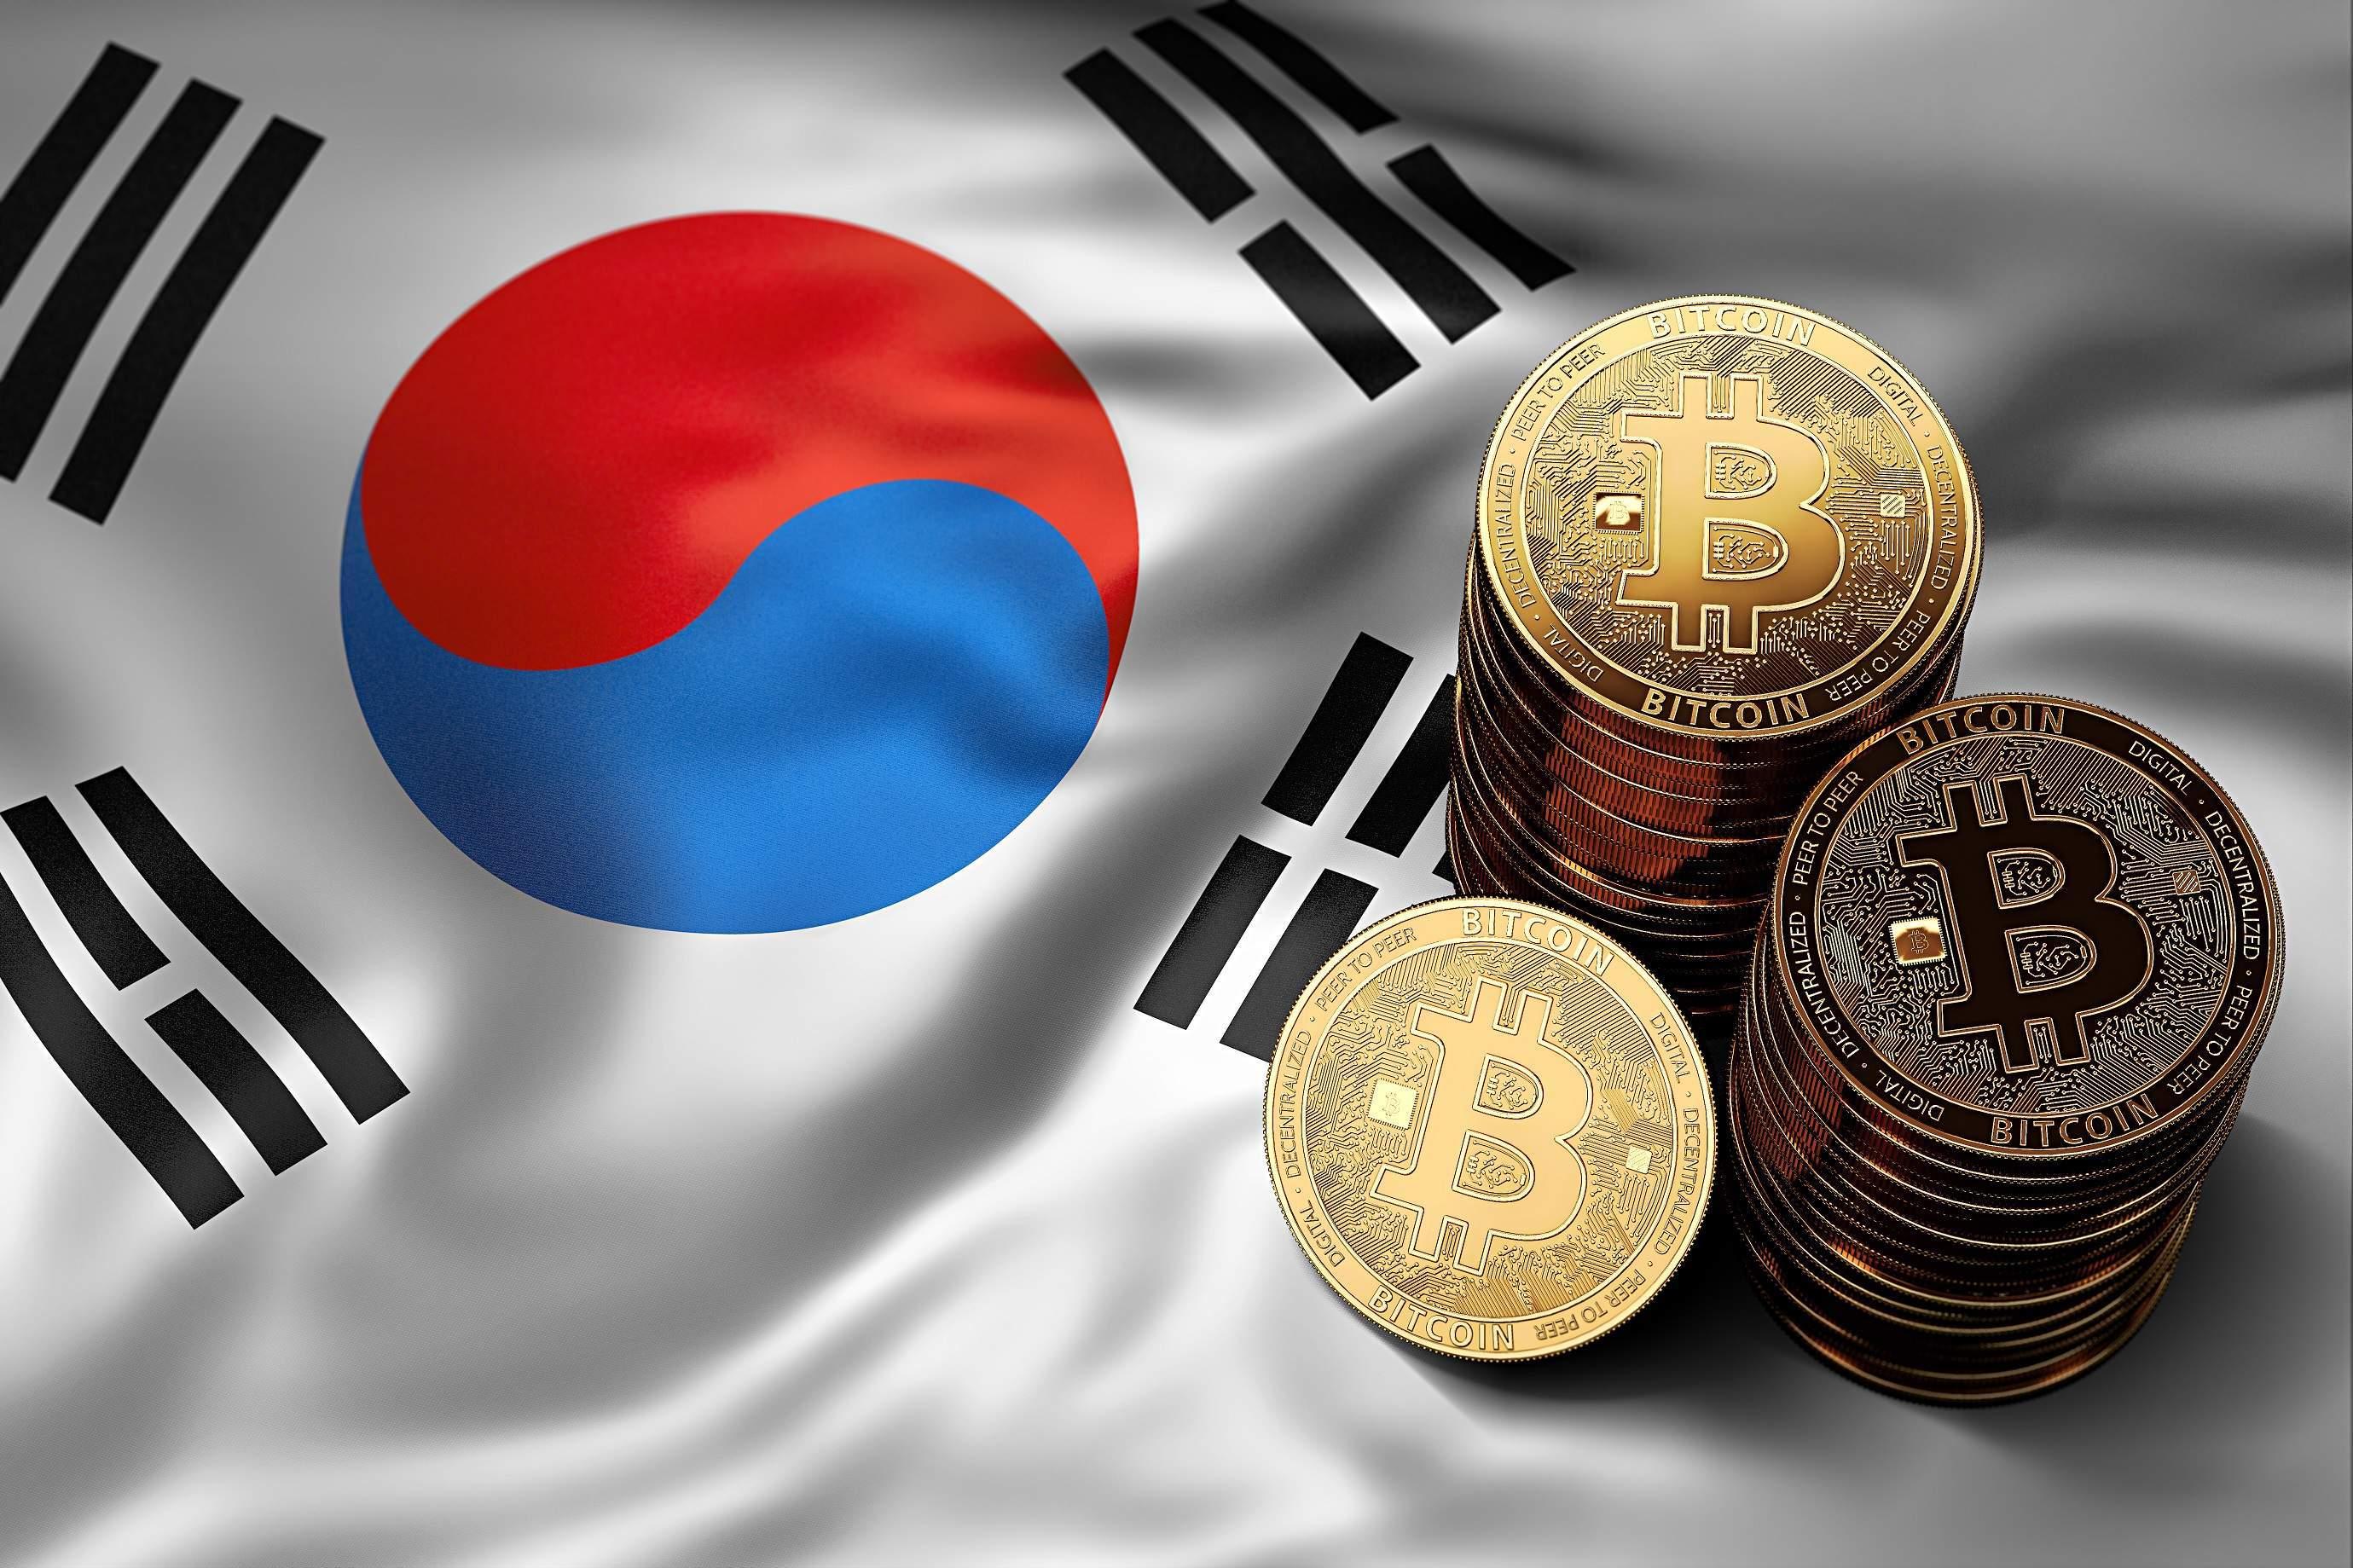 بانکهای کره جنوبی صرافیهای رمز ارز را مشتریان پرخطر تلقی میکنند